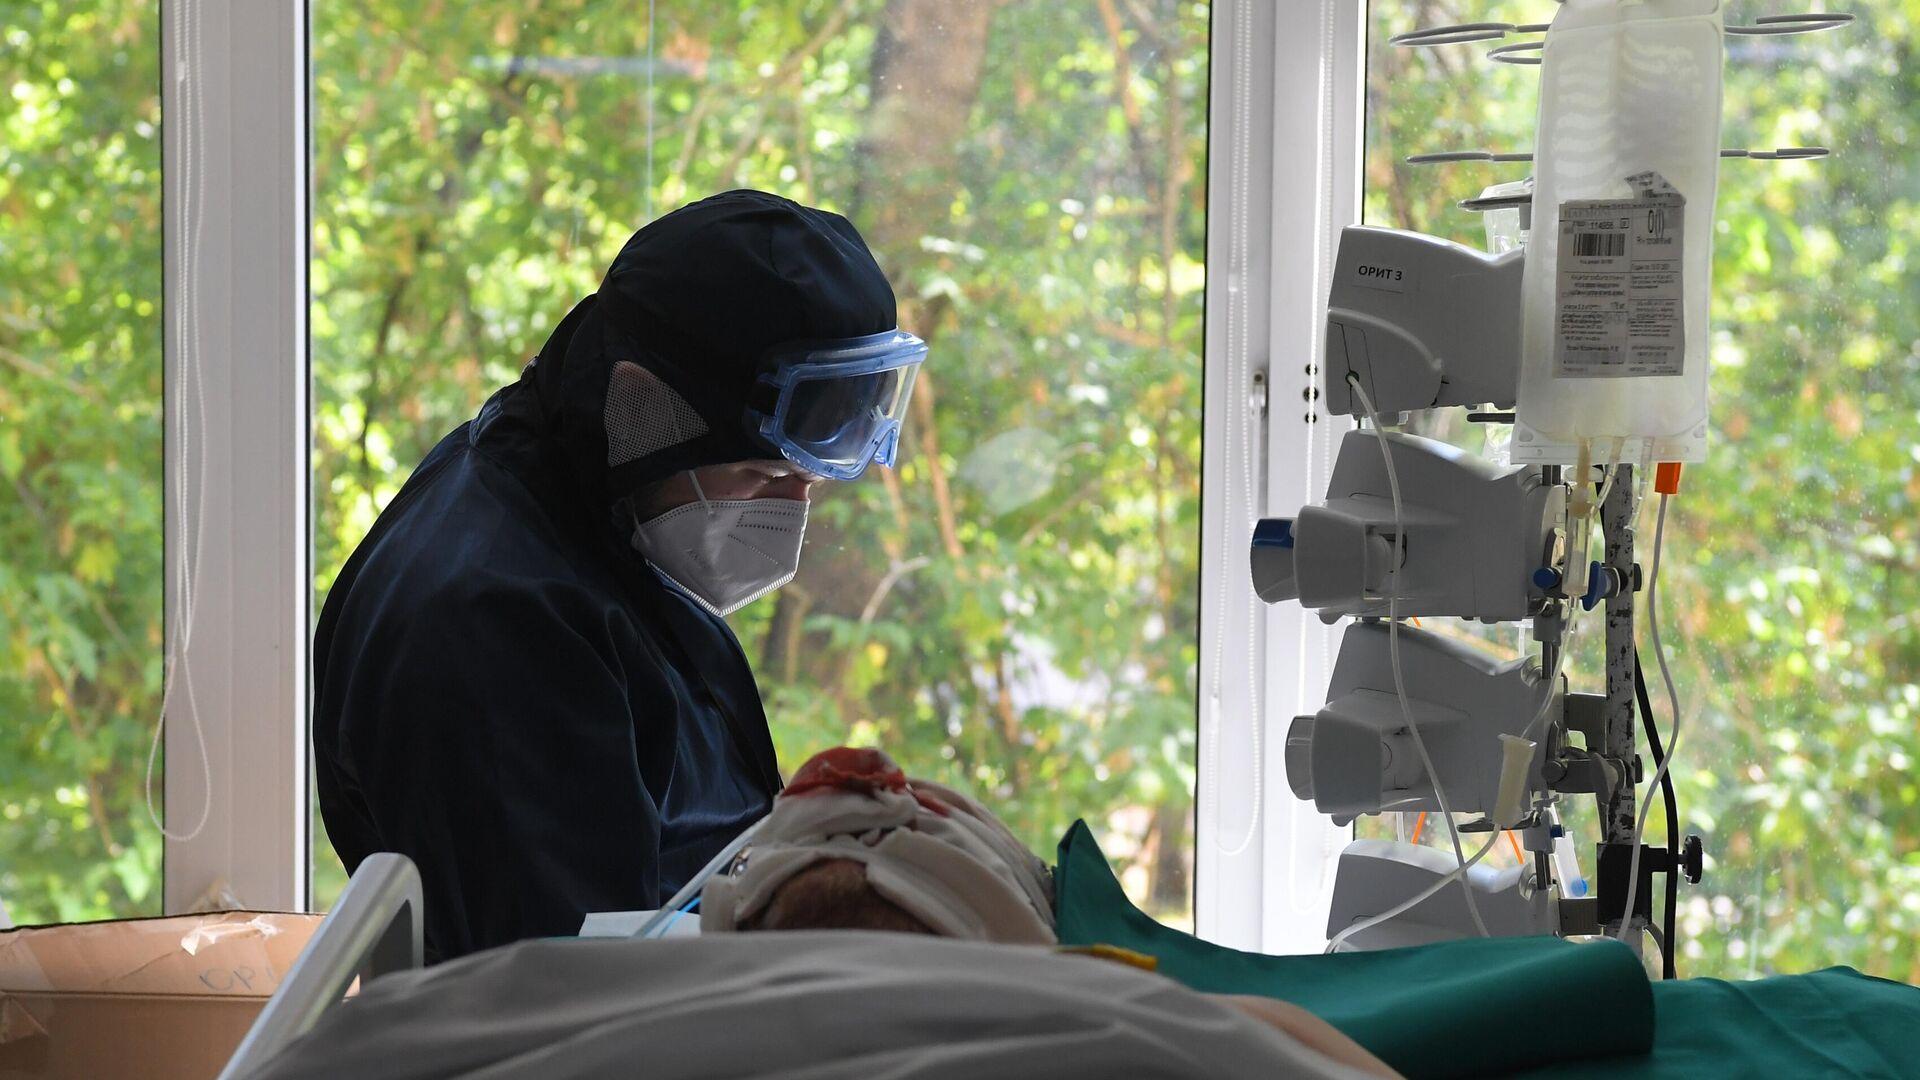 Медицинский работник у постели пациента в отделении реанимации и интенсивной терапии в госпитале COVID-19 в городской клинической больнице № 52 в Москве - РИА Новости, 1920, 29.07.2021